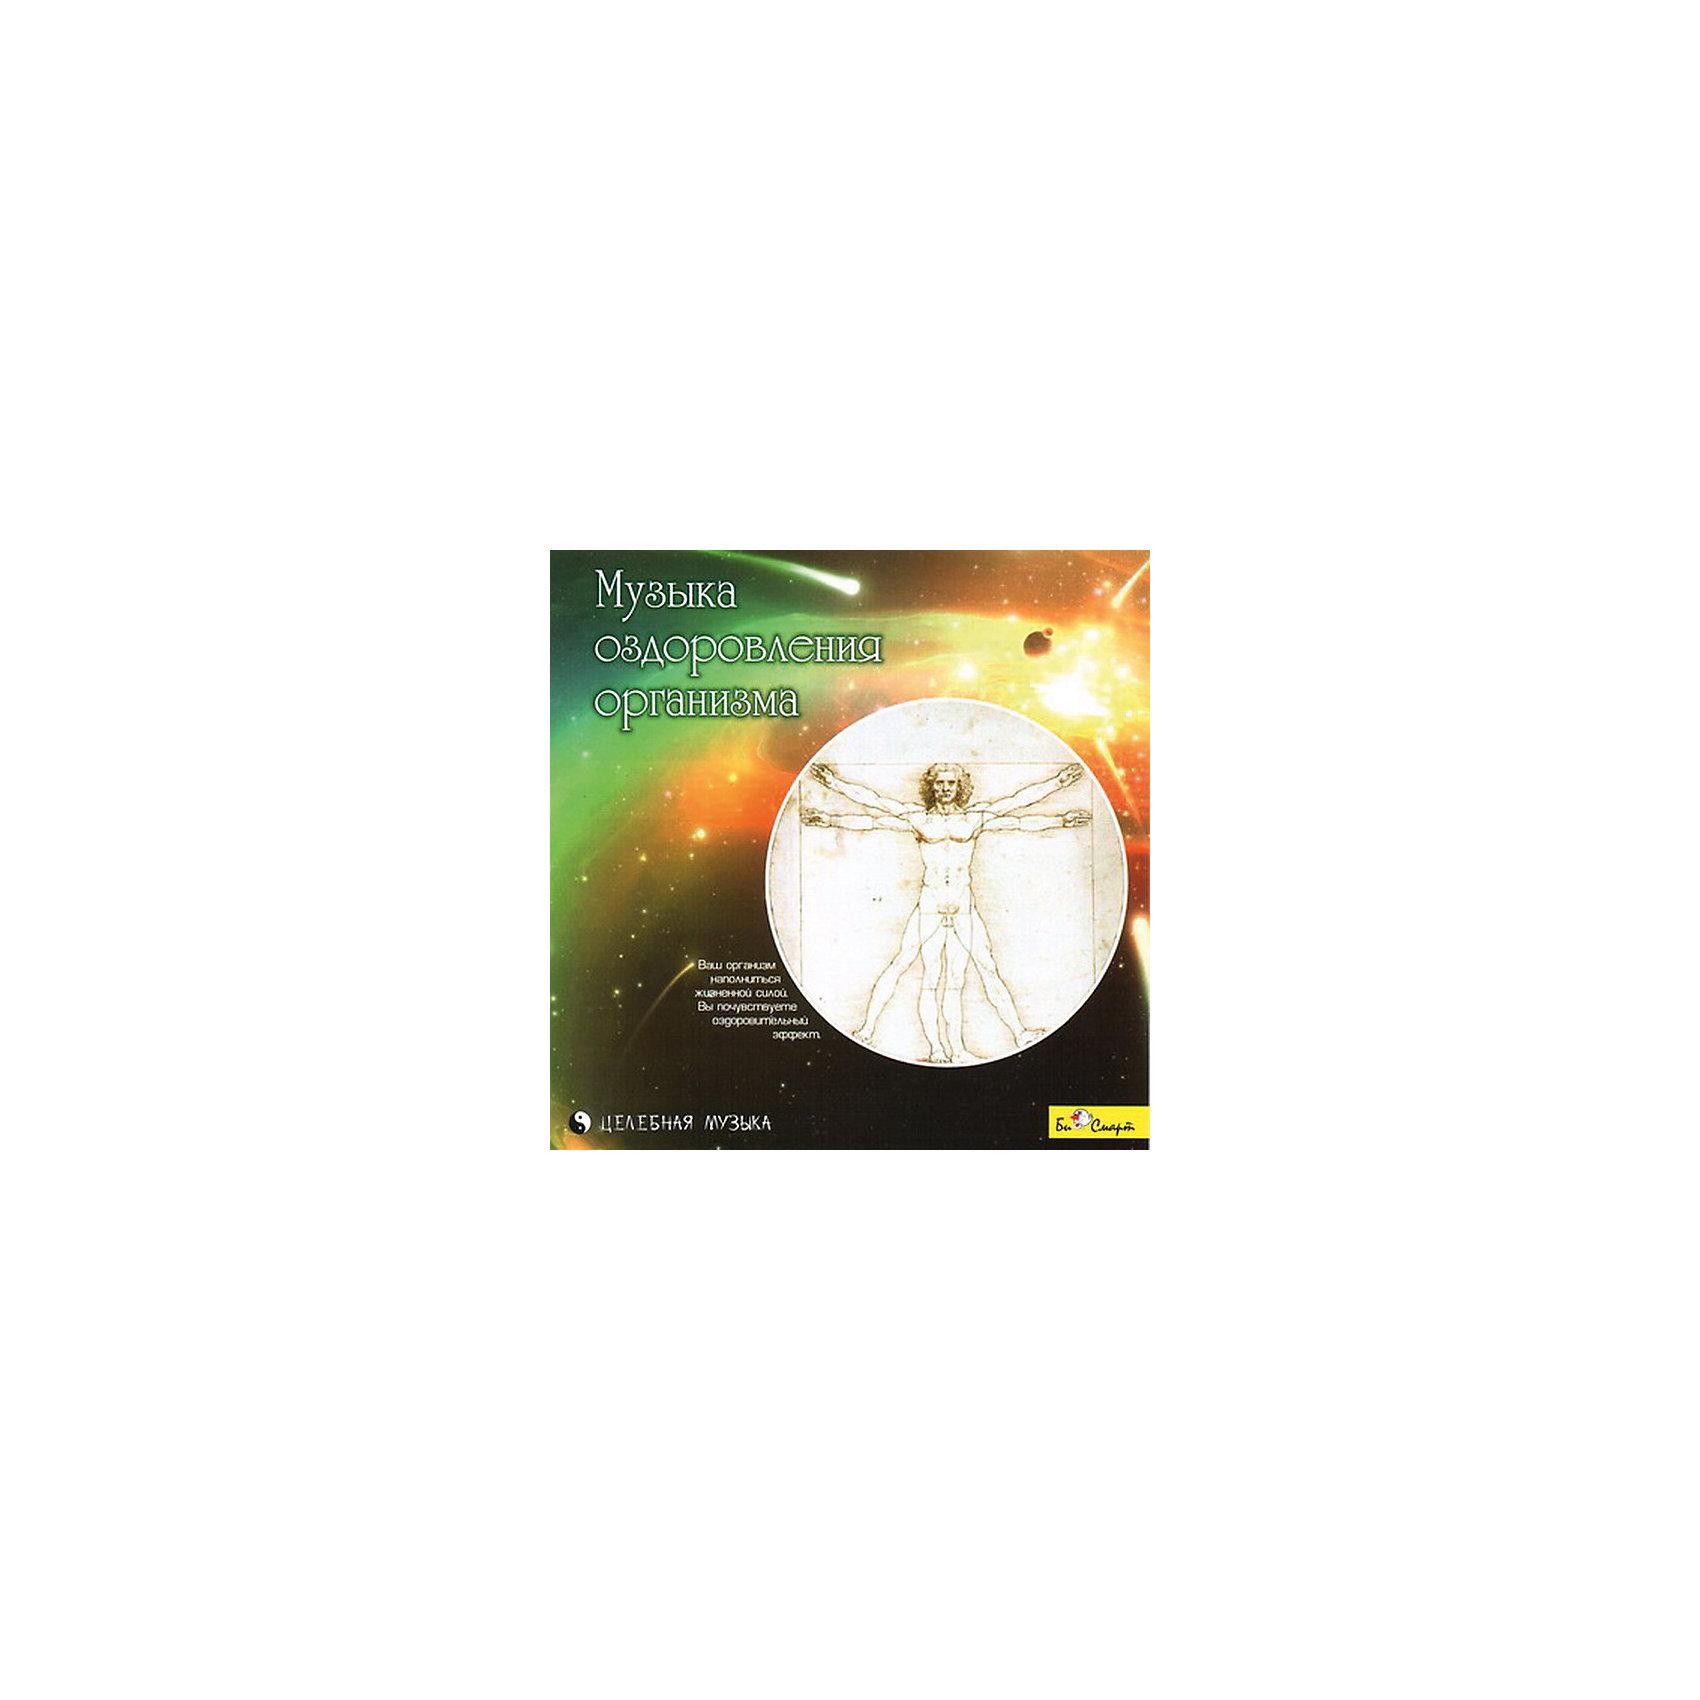 CD Музыка оздоровления организмаБи Смарт<br>Характеристики товара:<br><br>• размер упаковки: 12,5х10х14,2 см;<br>• вес: 79 грамм.<br><br>Спокойные и приятные мелодии диска «Музыка оздоровления организма» перенесут слушателя в восхитительный мир гармонии и безмятежности. Чарующие звуки наполнят энергией и подарят ощущение спокойствия и легкости для тела и души.<br><br>CD Музыка оздоровления организма  можно купить в нашем интернет-магазине.<br><br>Ширина мм: 142<br>Глубина мм: 100<br>Высота мм: 125<br>Вес г: 79<br>Возраст от месяцев: 36<br>Возраст до месяцев: 2147483647<br>Пол: Унисекс<br>Возраст: Детский<br>SKU: 5614937